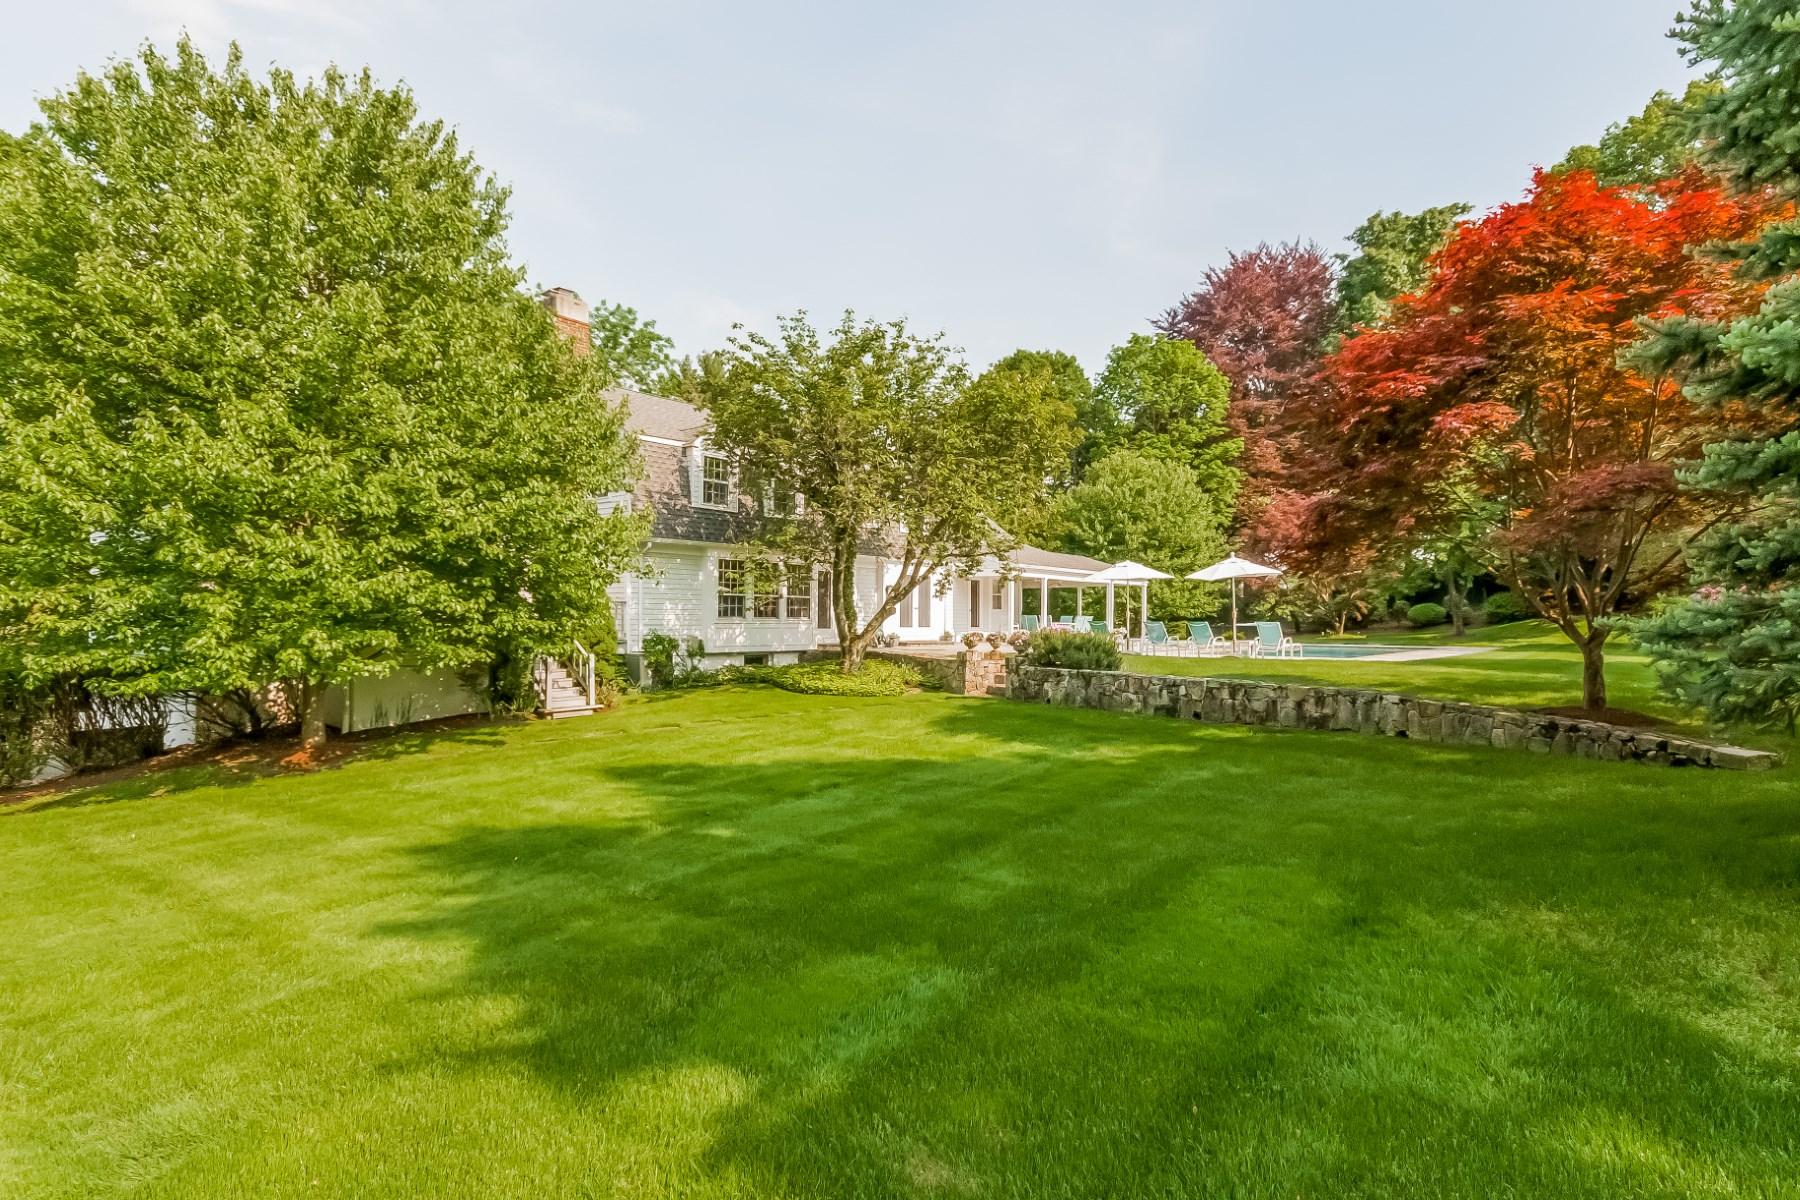 Maison unifamiliale pour l Vente à Mid-Country Beauty 44 Doubling Road (Land) Mid-Country, Greenwich, Connecticut 06830 États-Unis